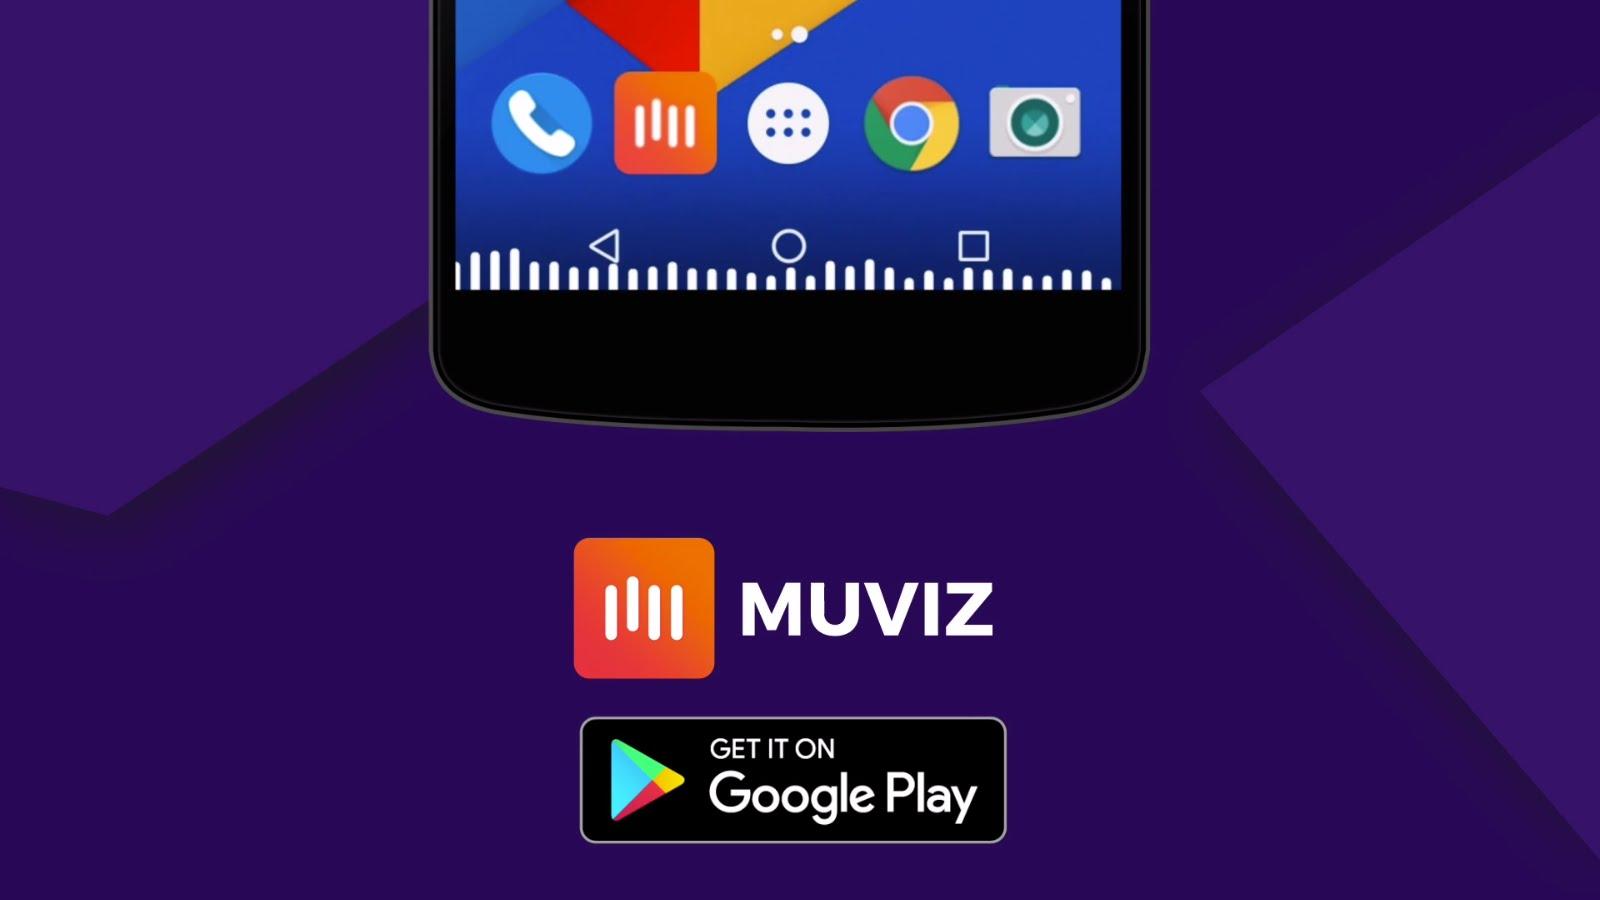 تحميل تطبيق MUVIZ لاضافة مؤثرات تفاعلية عند تشغيل الموسيقى والفيديو